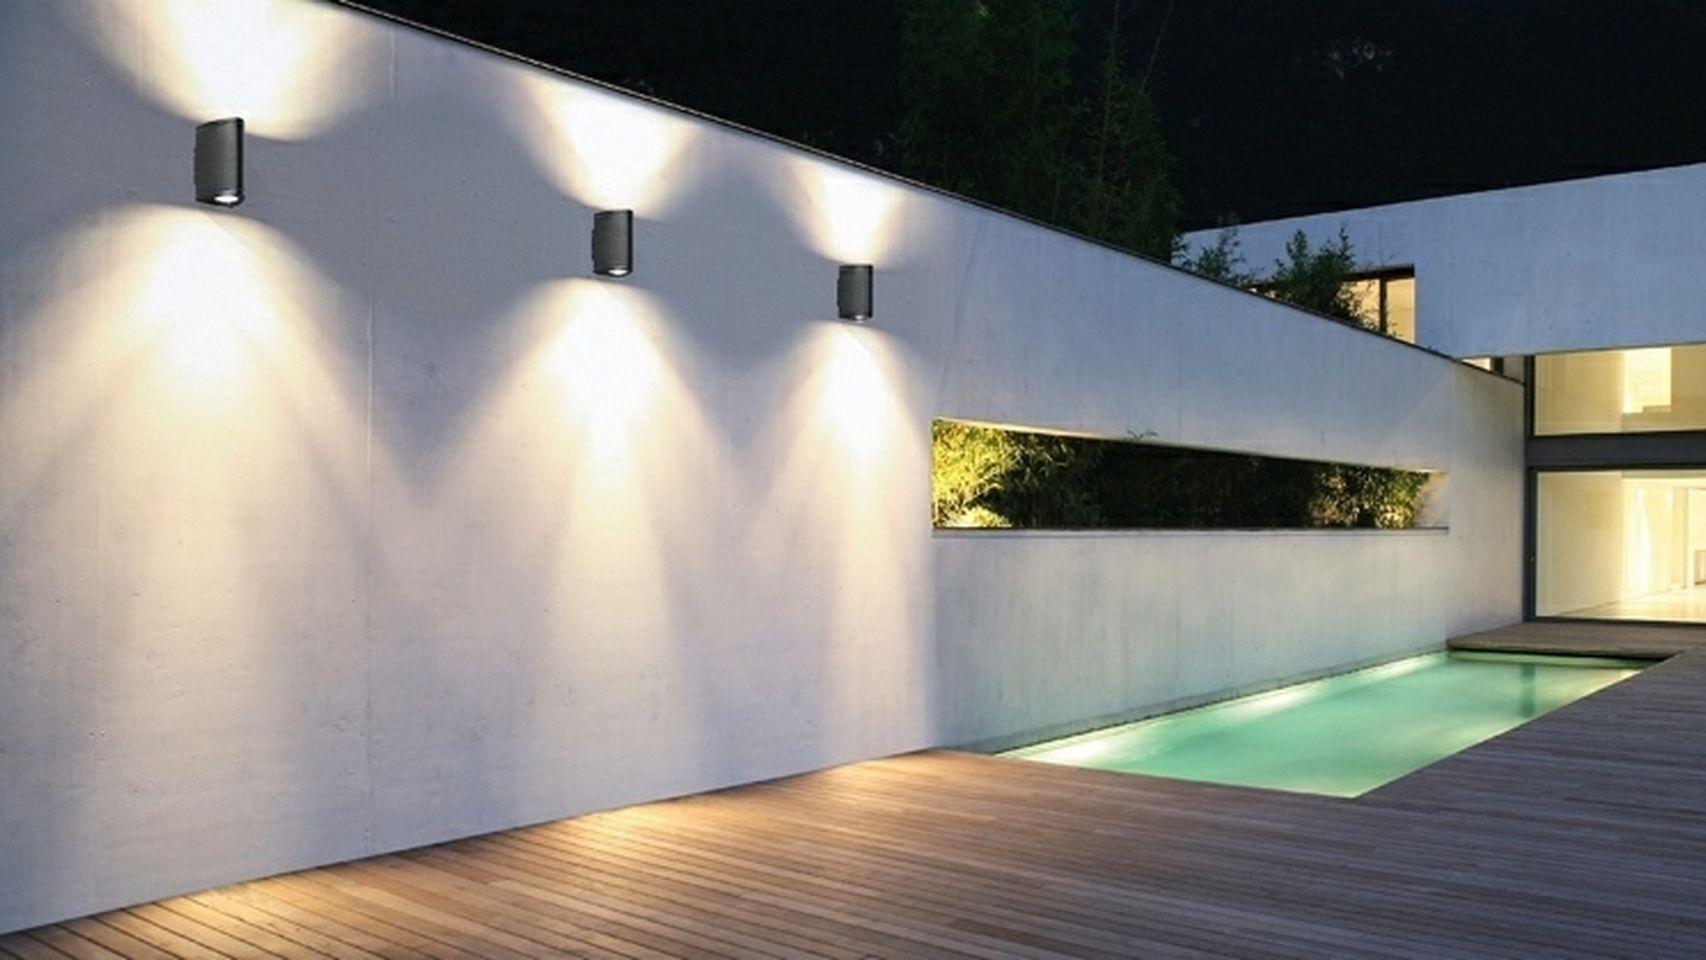 Pin De Andres Carrera En Terrazas Bbq Iluminacion De Patio Iluminacion Terrazas Iluminacion Exterior